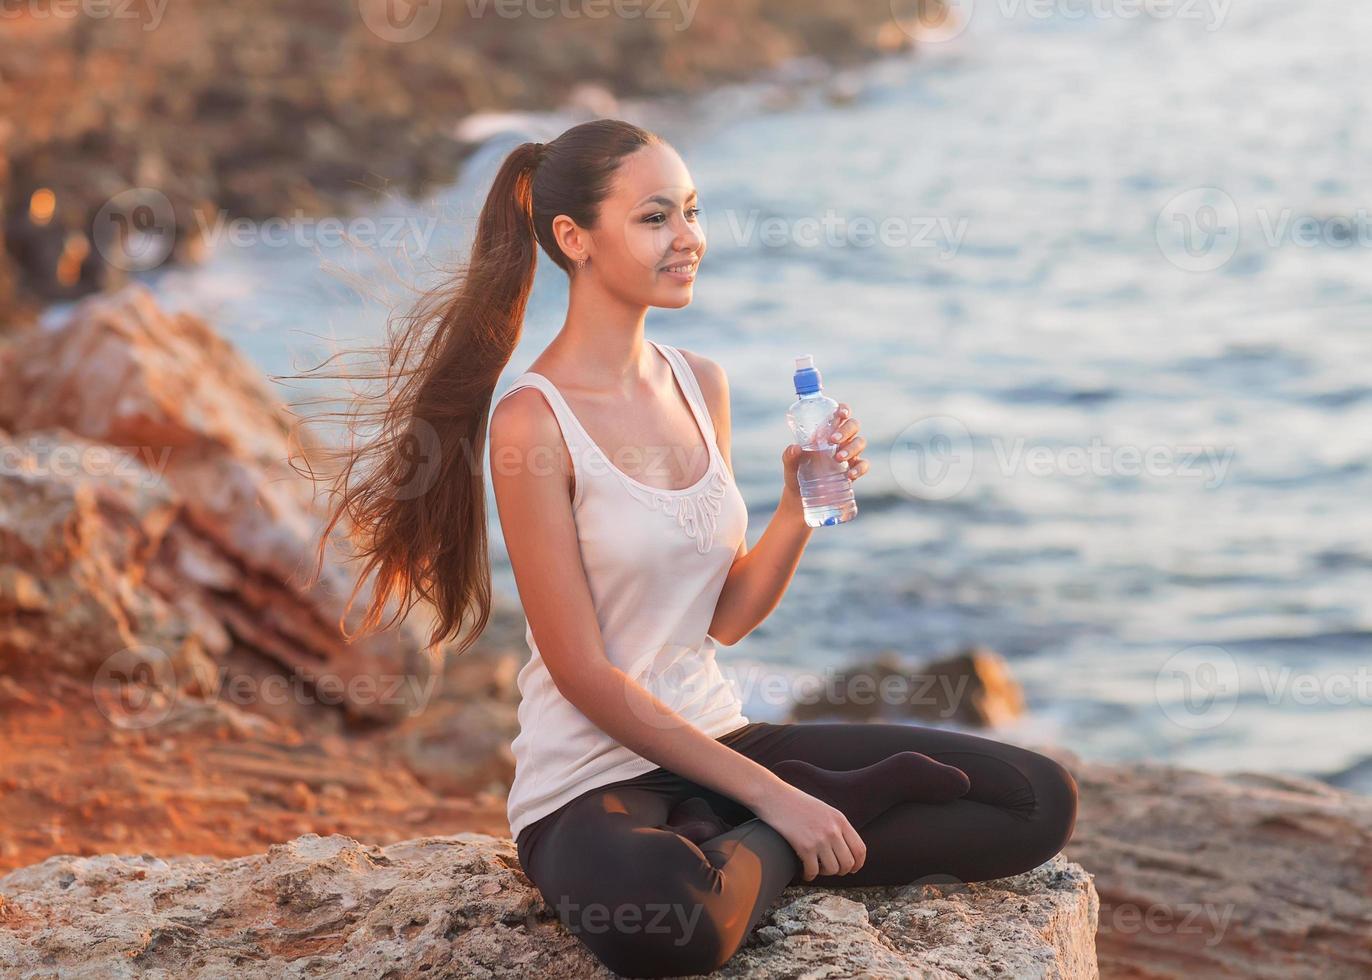 Porträt halbes Gesicht der jungen Frau trinken Wasser foto